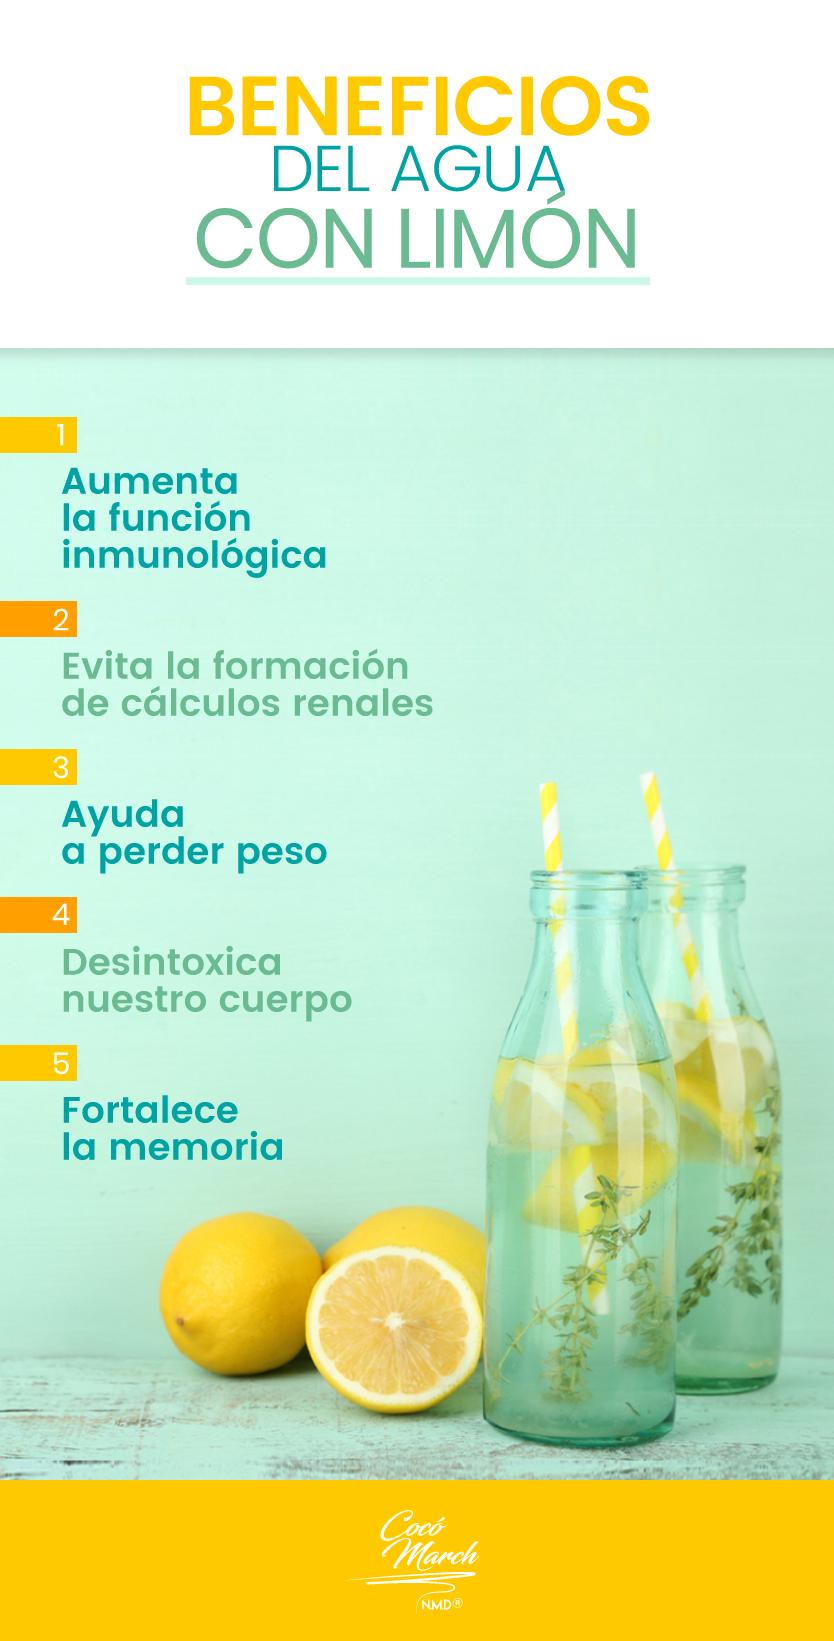 agua-con-limon-beneficios